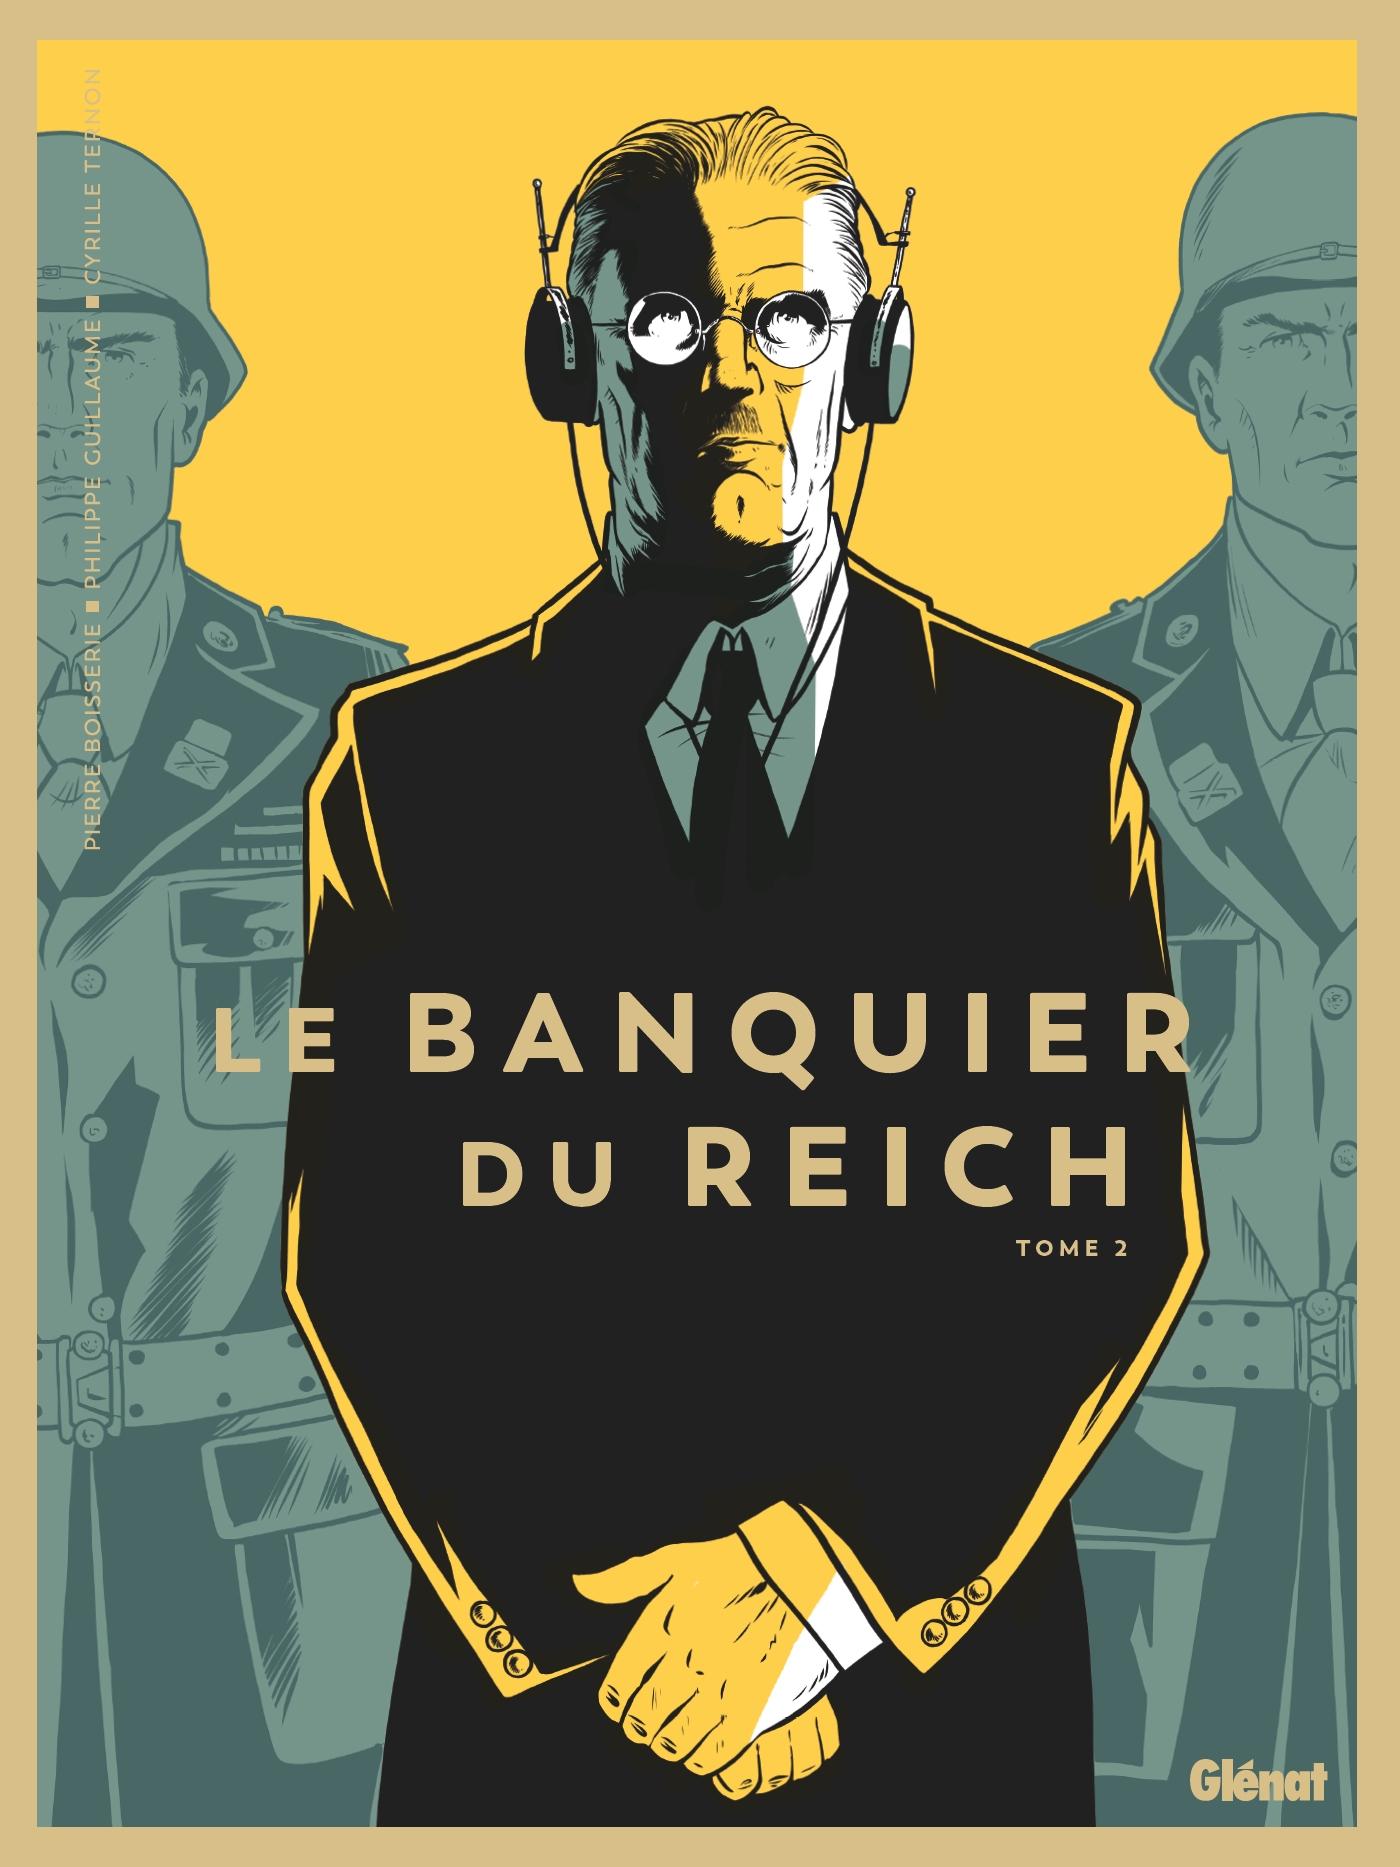 Le banquier du Reich 2 - Tome 2